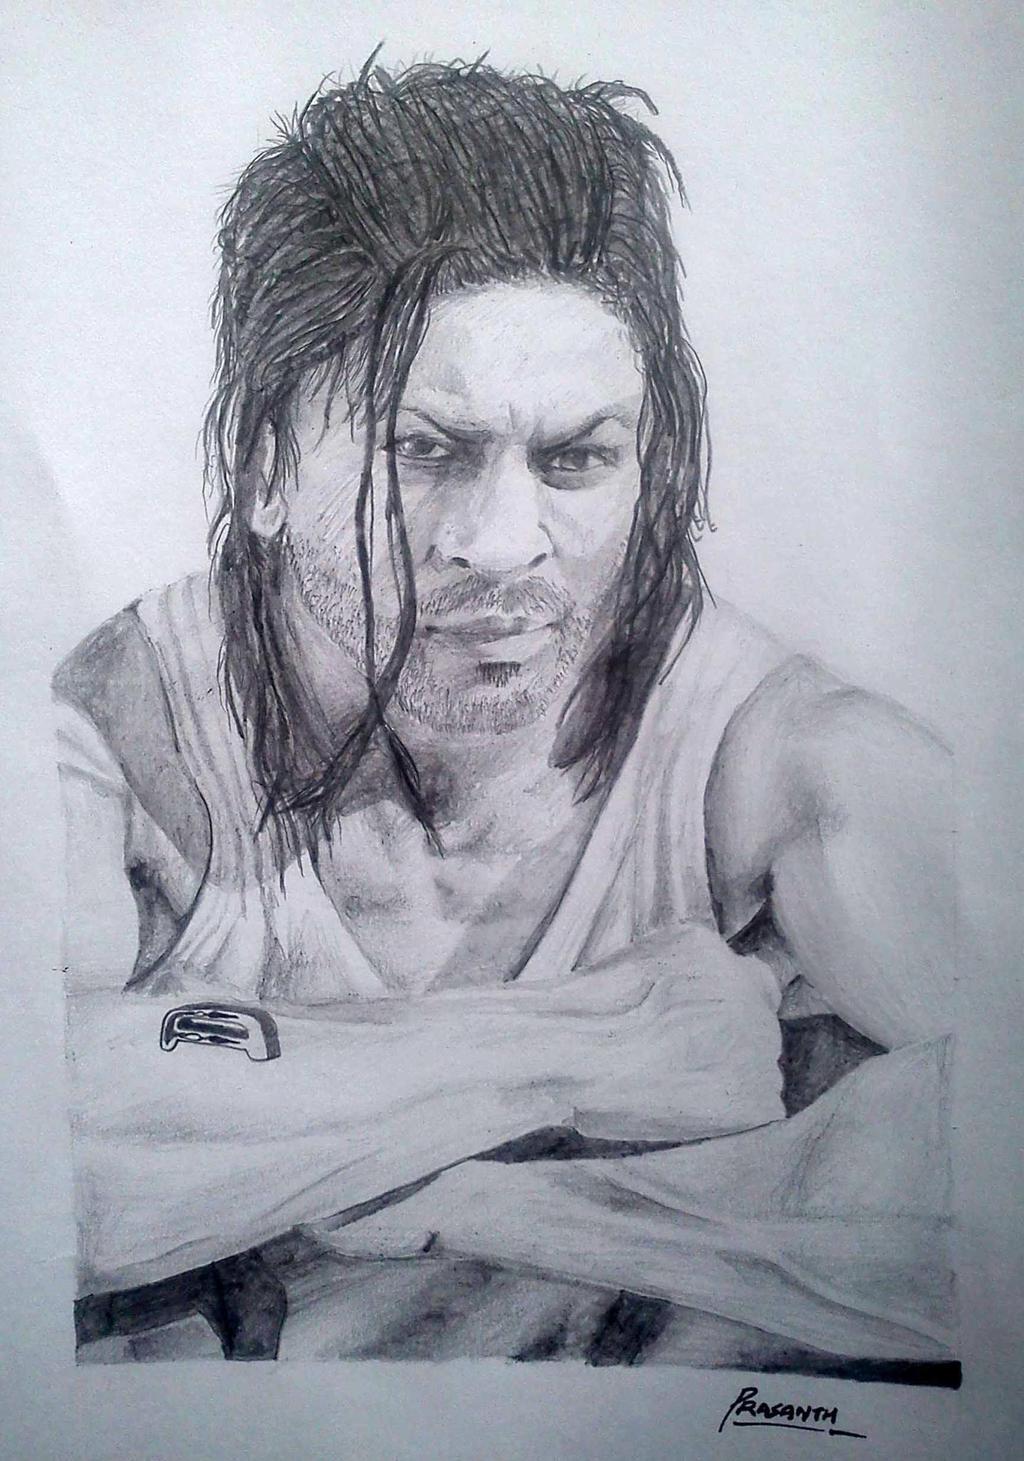 Shahrukh Khan by Prasanthprakash on DeviantArt